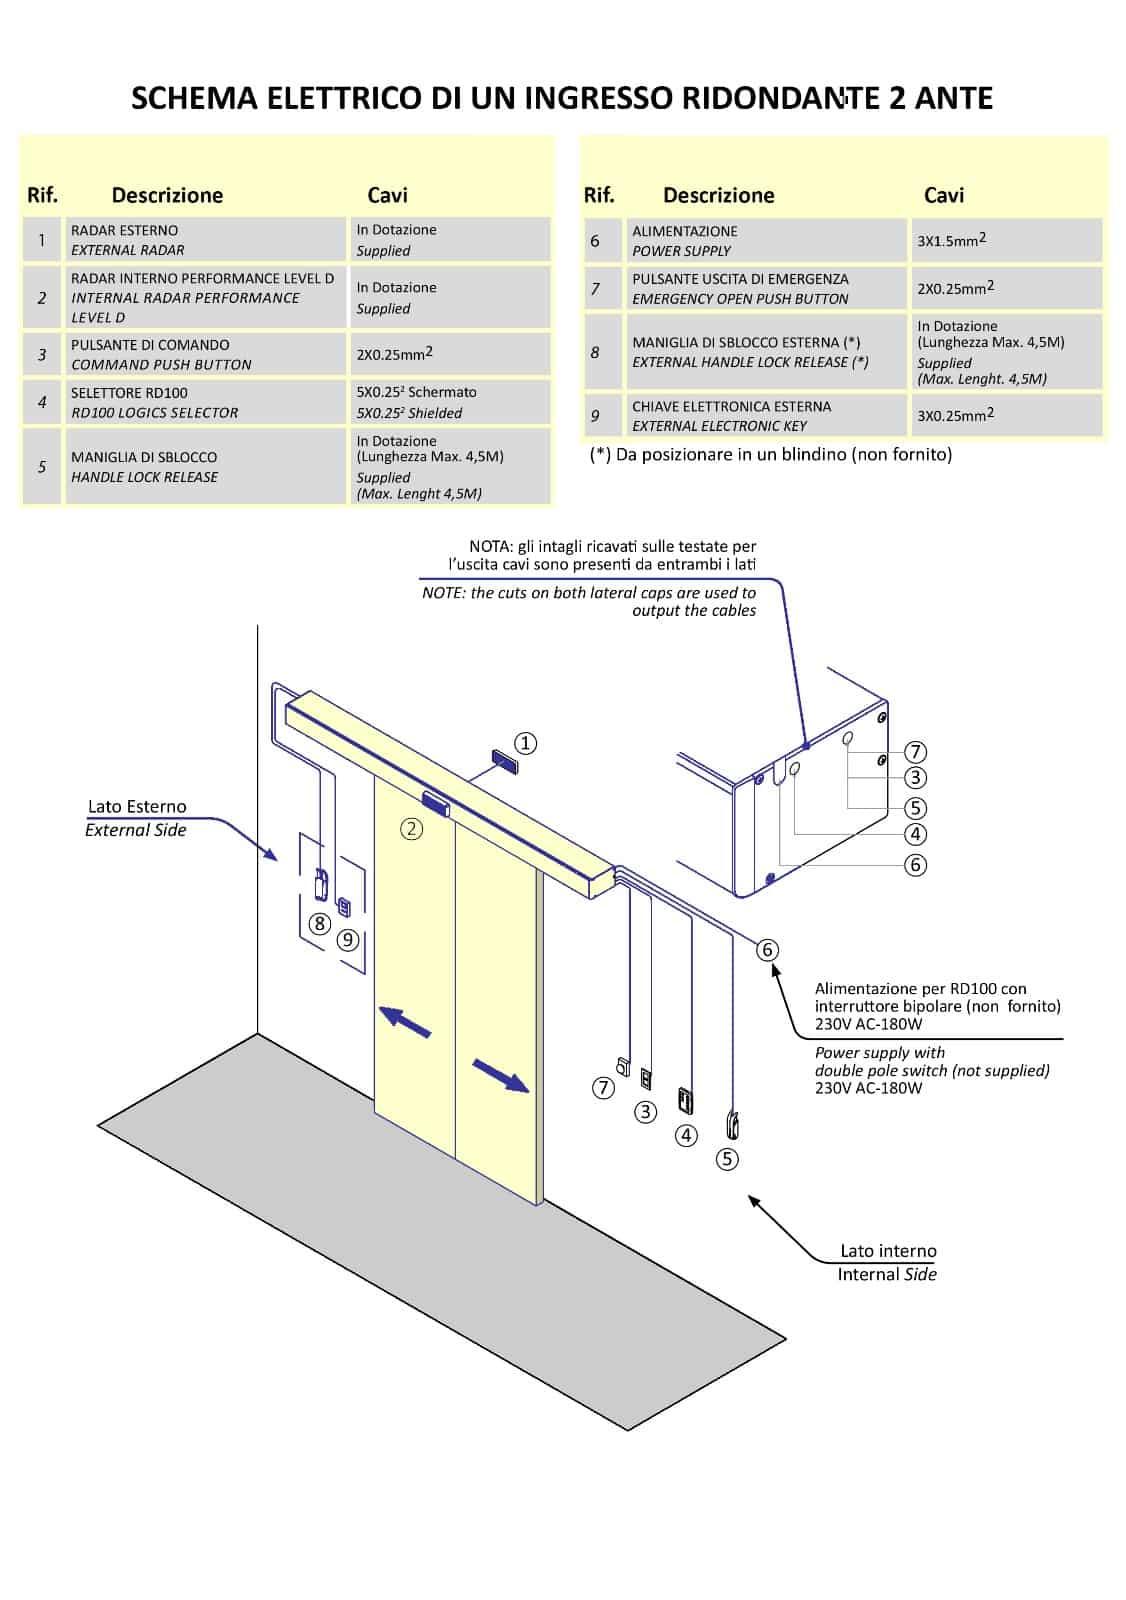 Porte Automatiche: Varchi Automatici, Porte Ridondanti, Porte Sesamo